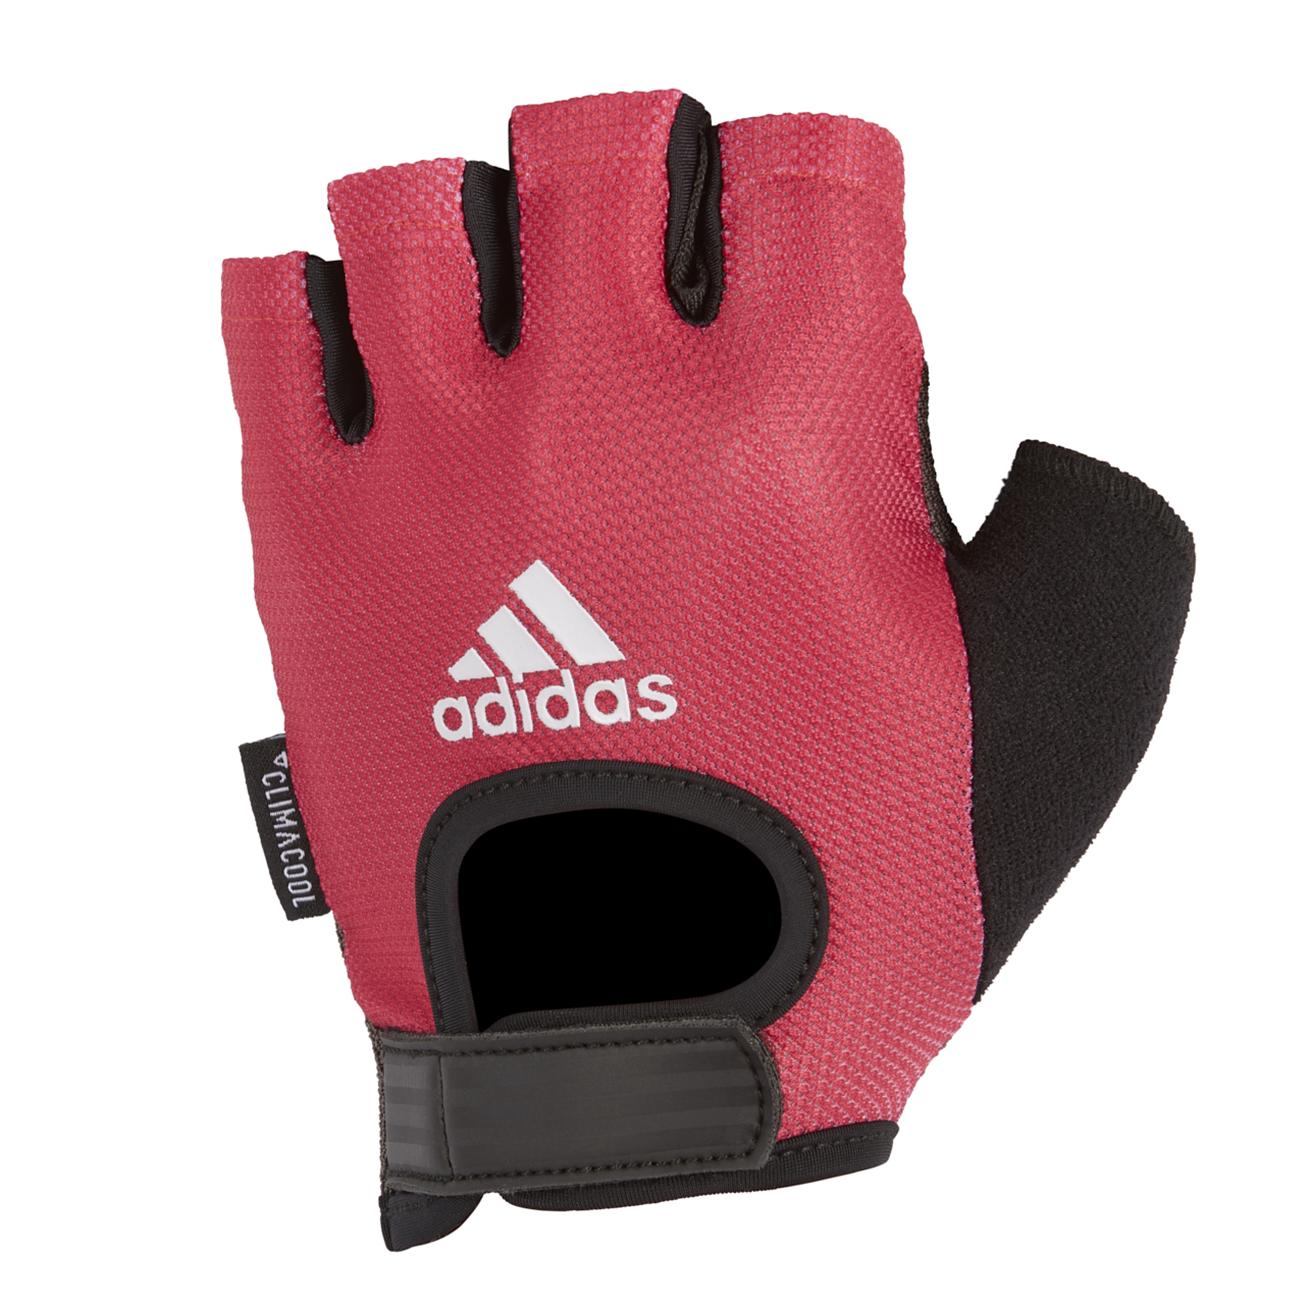 Перчатки для фитнеса Adidas ADGB-13225, розовый перчатки adidas для фитнеса белые размер m adgb 12322 wh